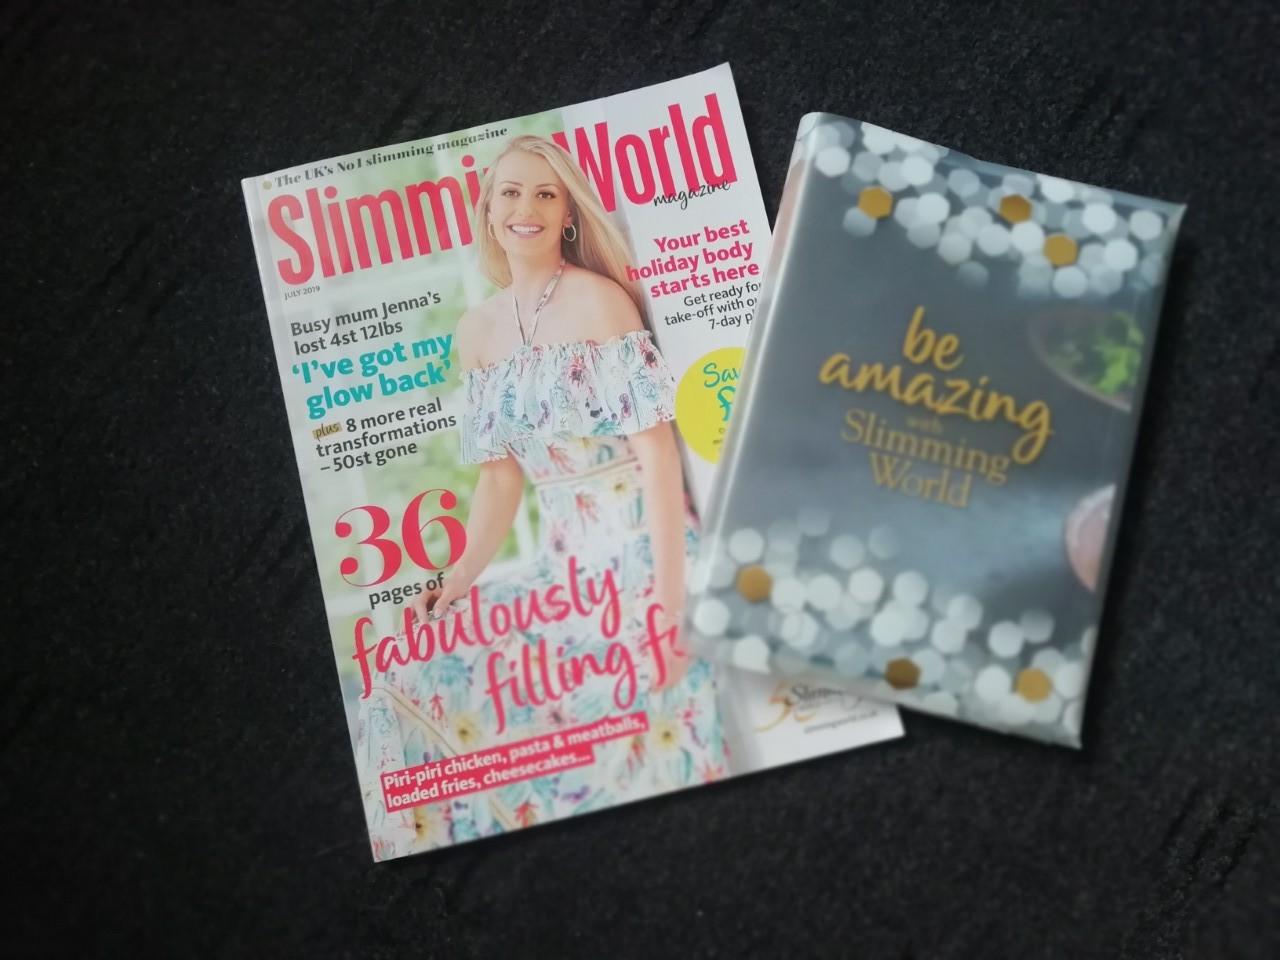 Slimming World Books and magazine